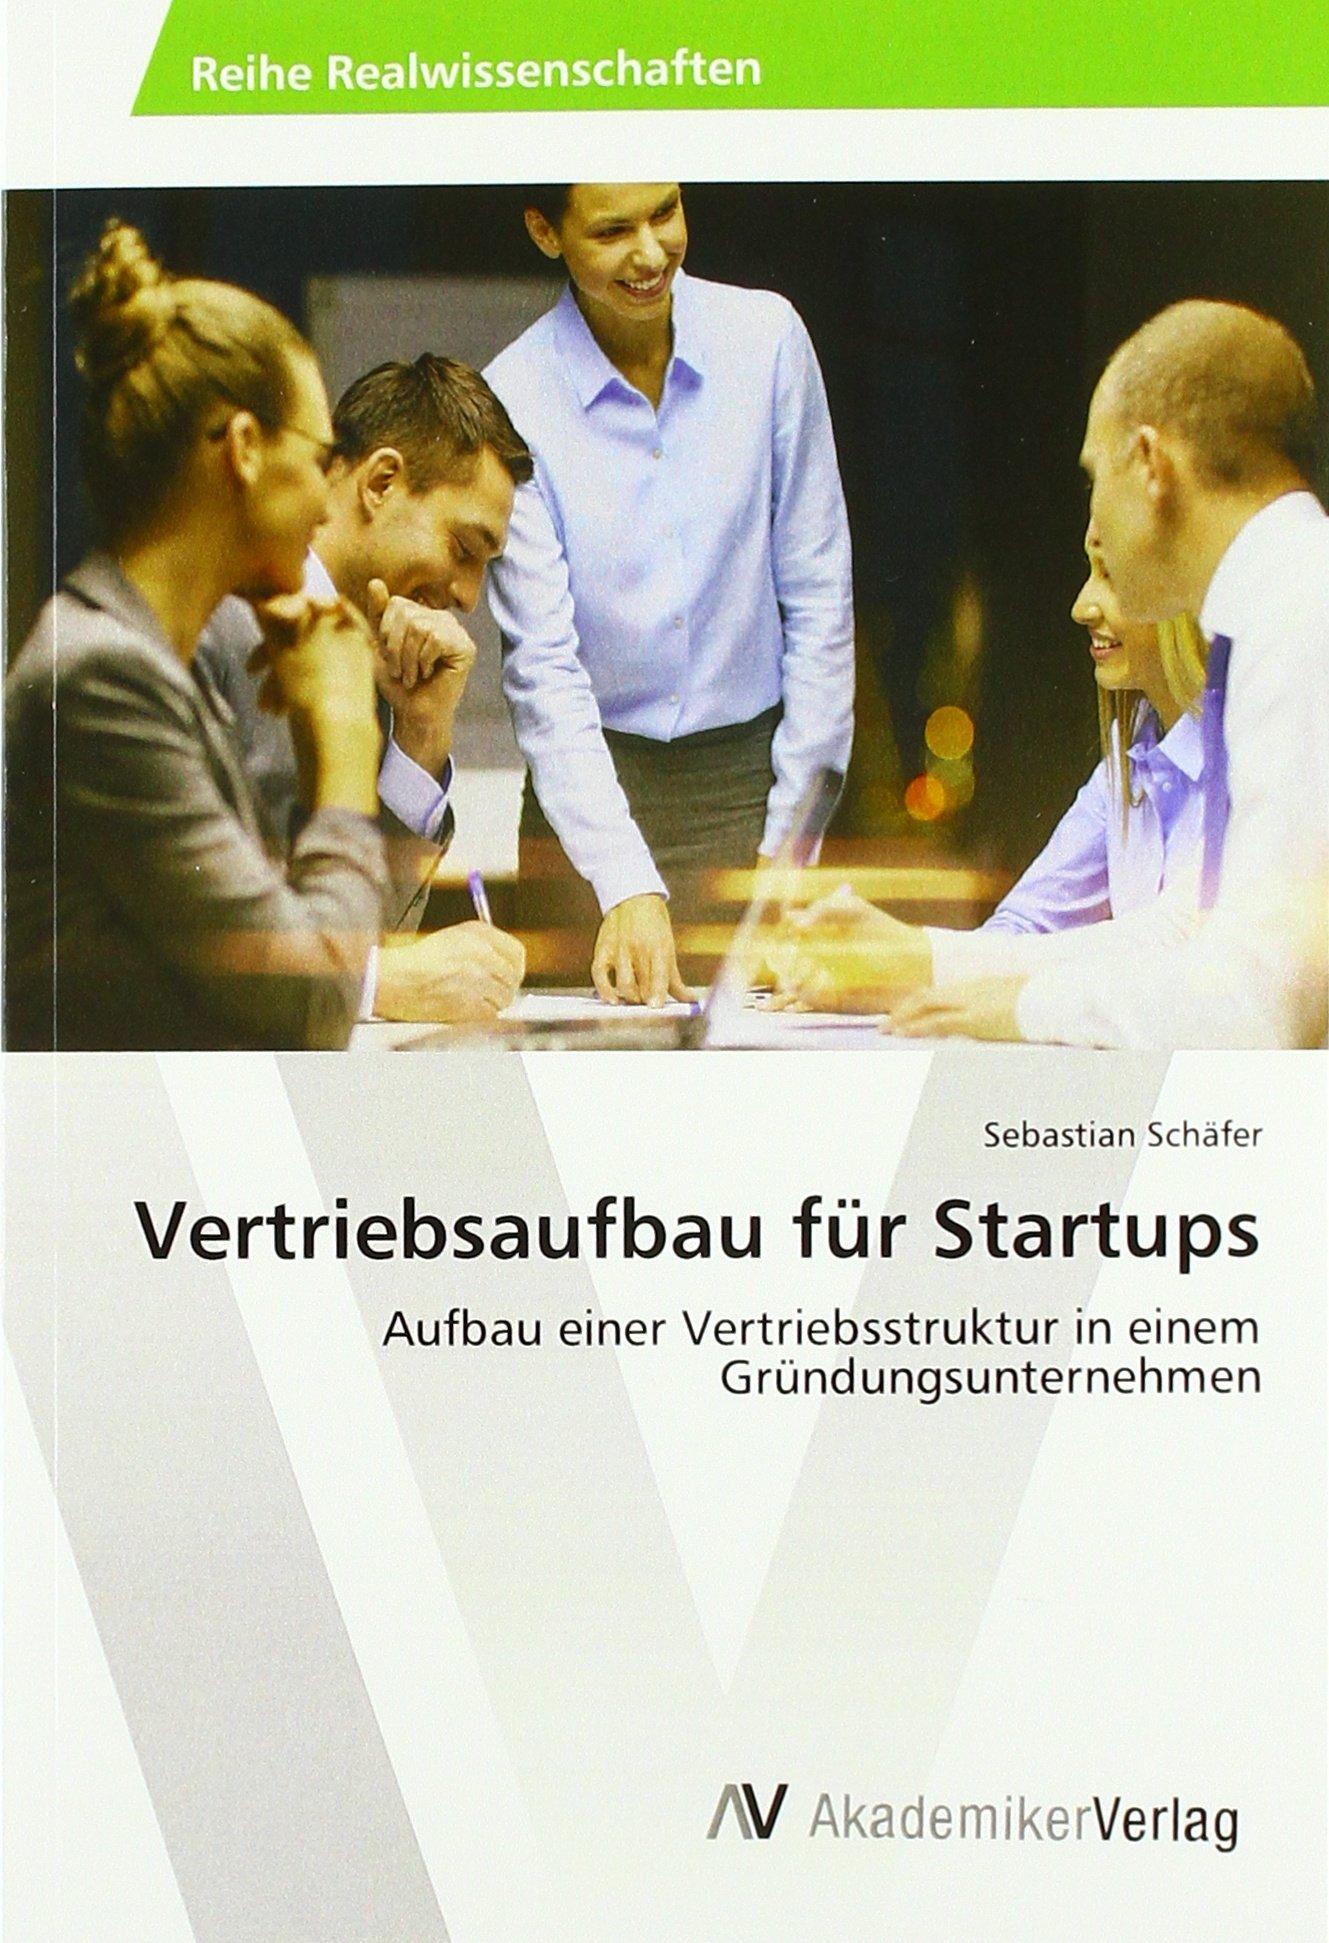 vertriebsaufbau-fr-startups-aufbau-einer-vertriebsstruktur-in-einem-grndungsunternehmen